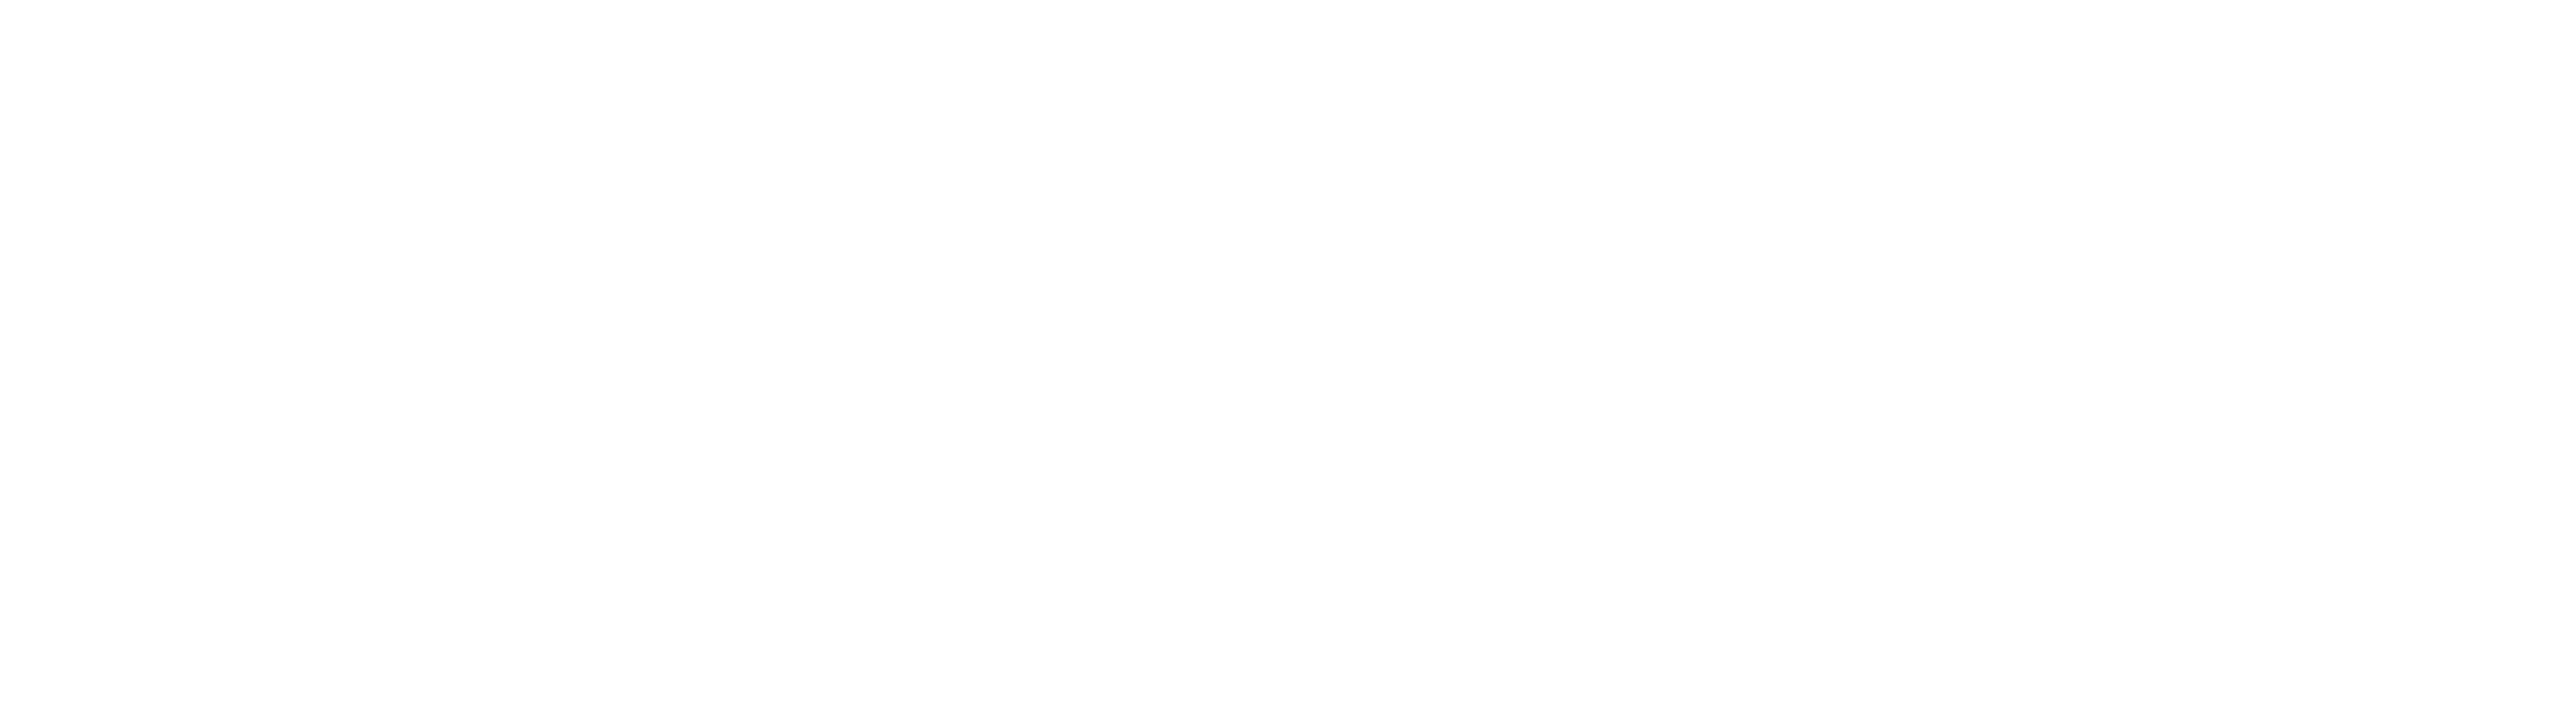 moxa-logo-white